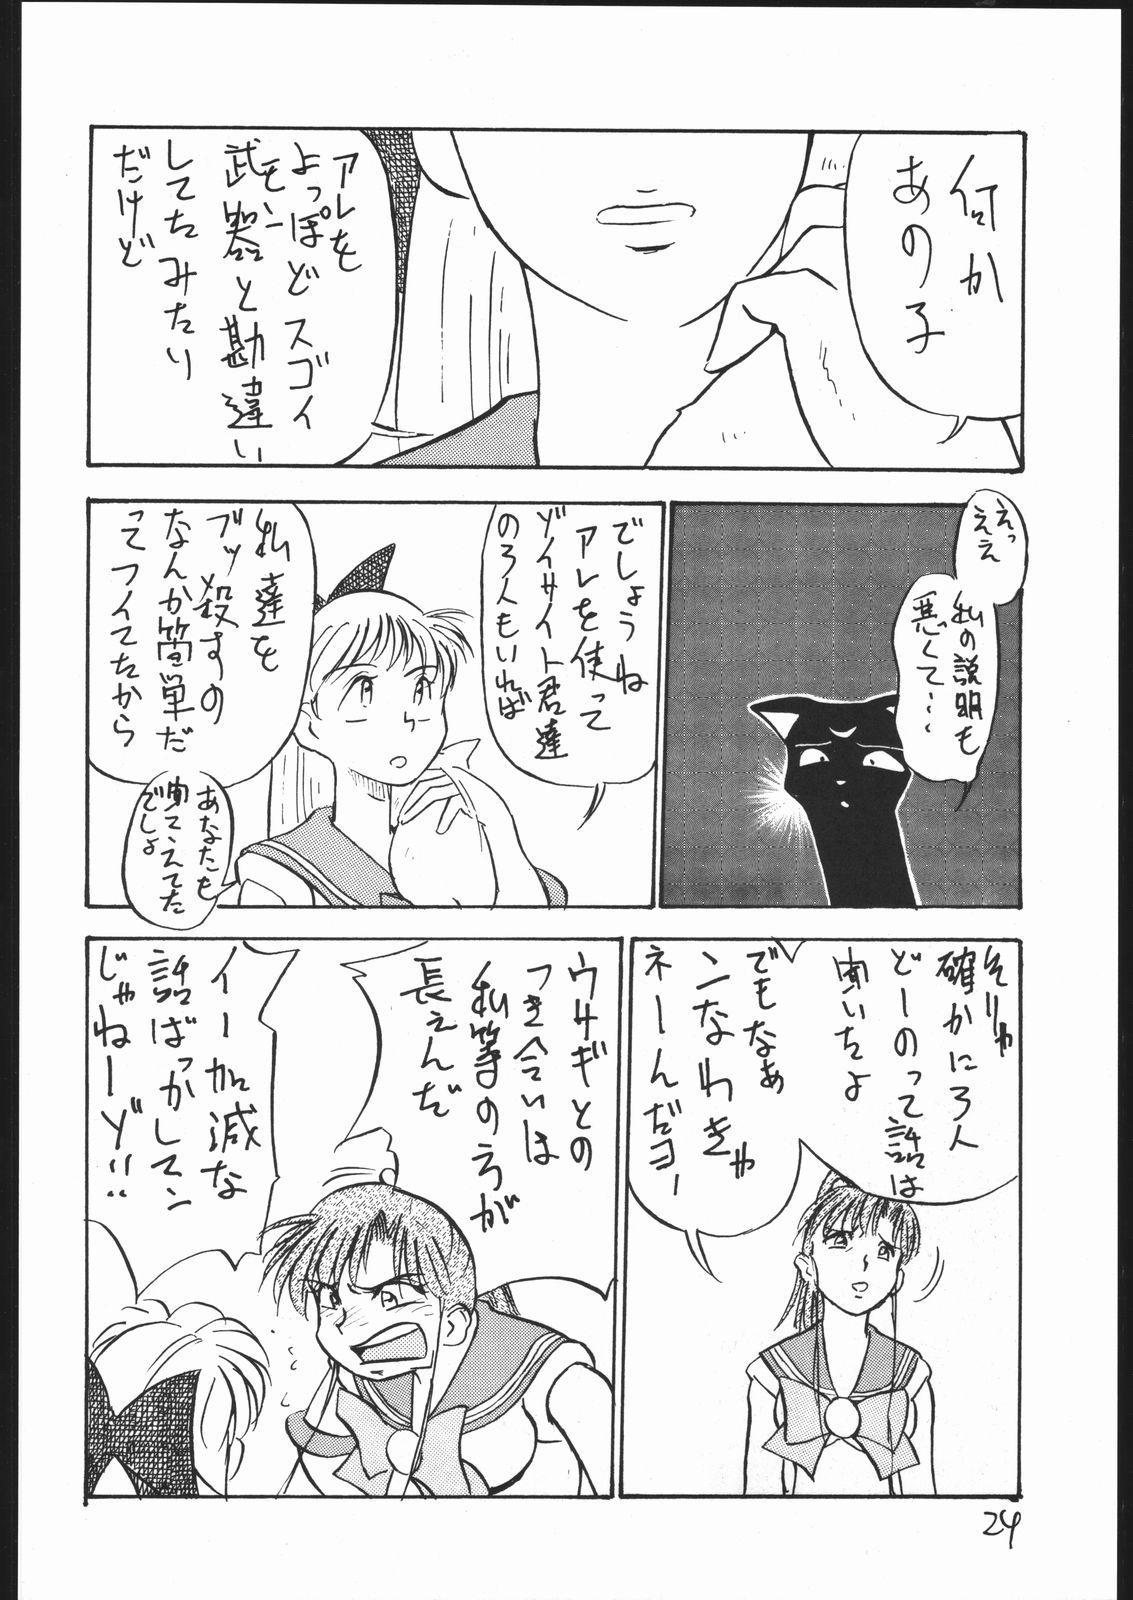 V・H・S・M Vol. 2 22